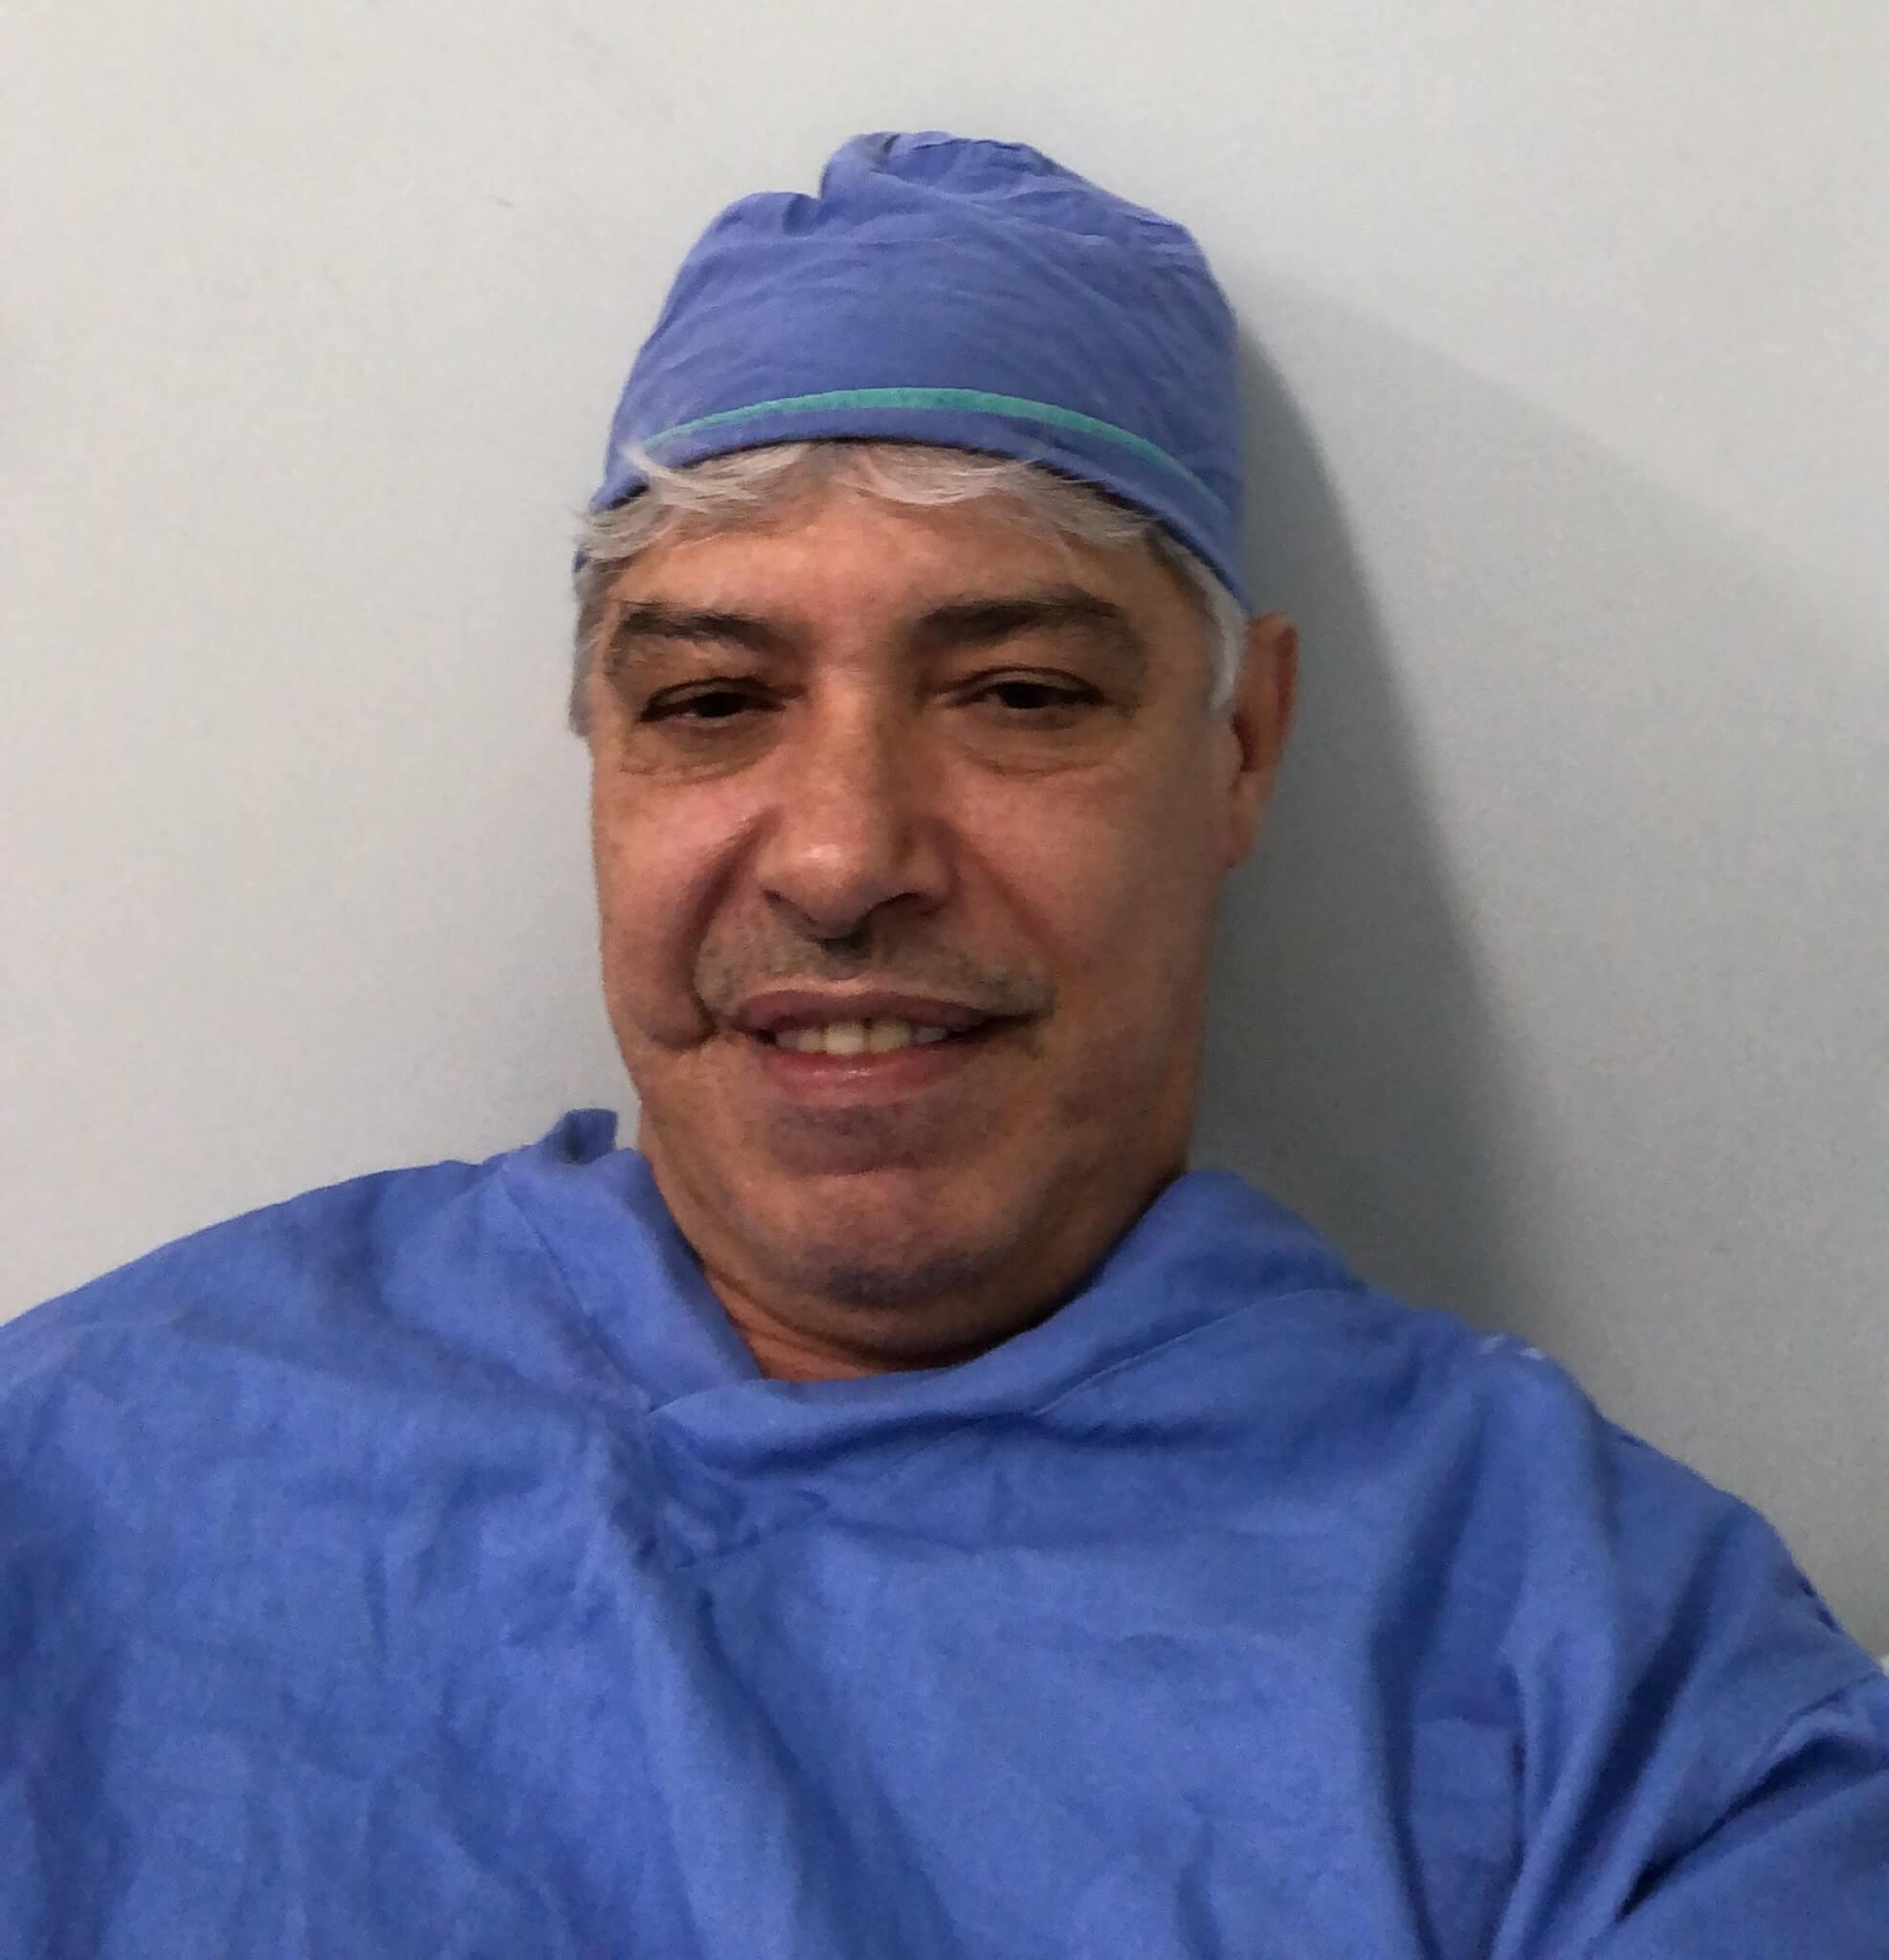 Lene Francisco de Carvalho